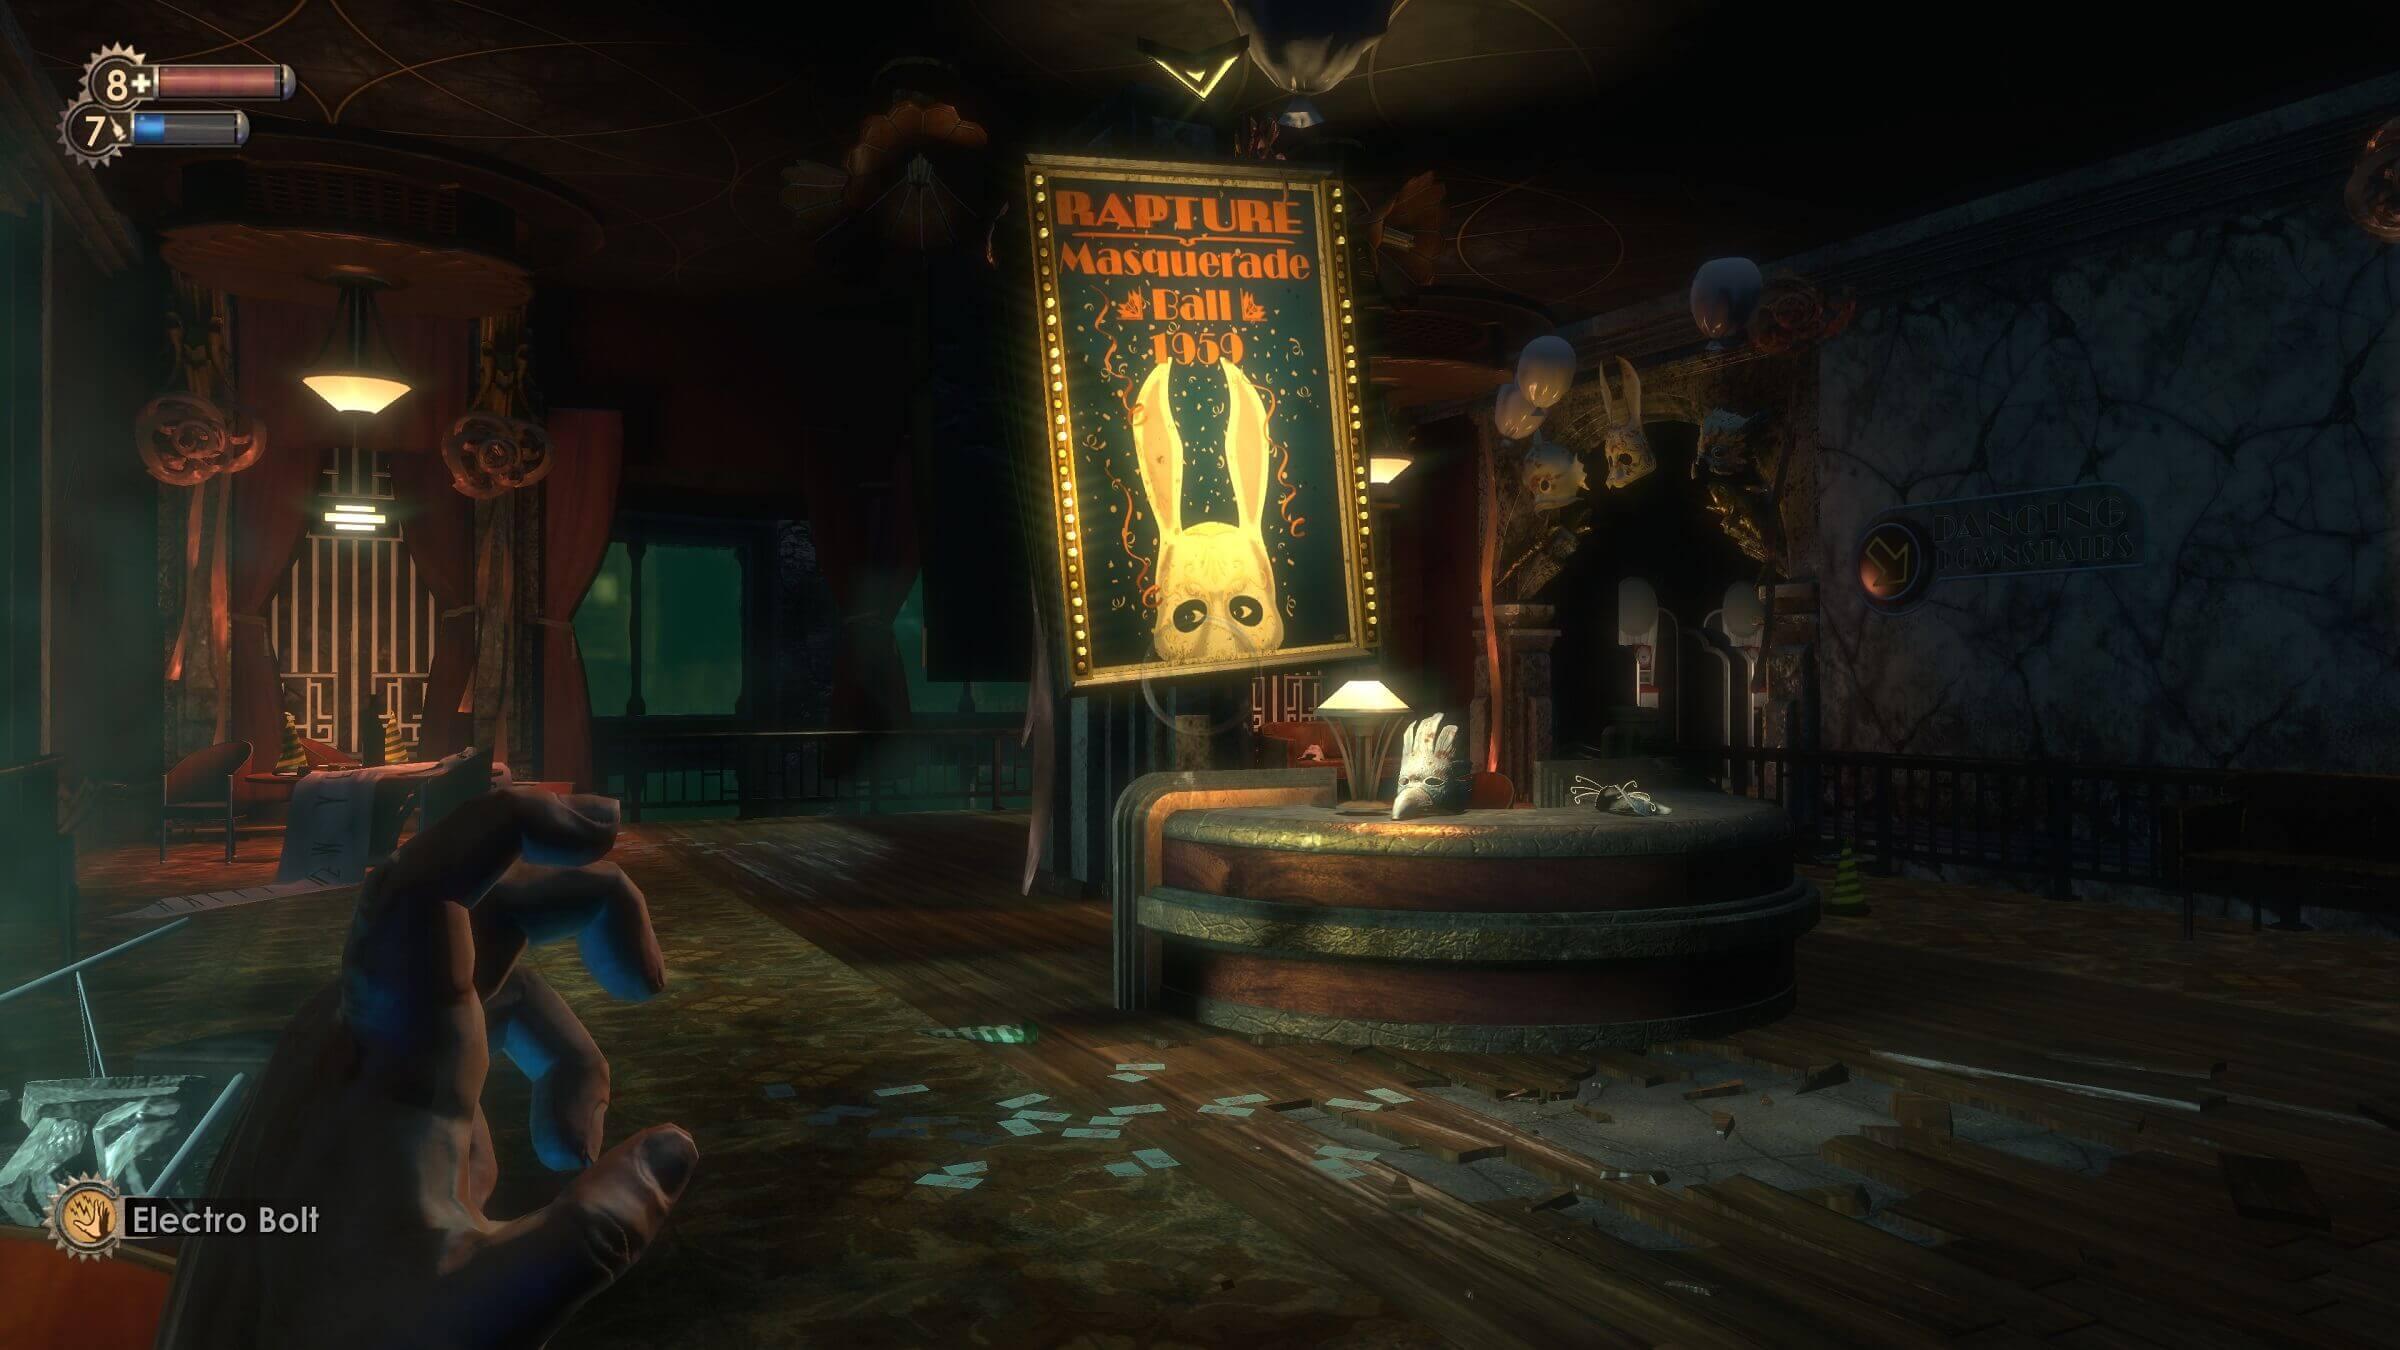 «А Crysis потянет?» Почему до сих пор обсуждают игру, выпущенную 13 лет назад - 9